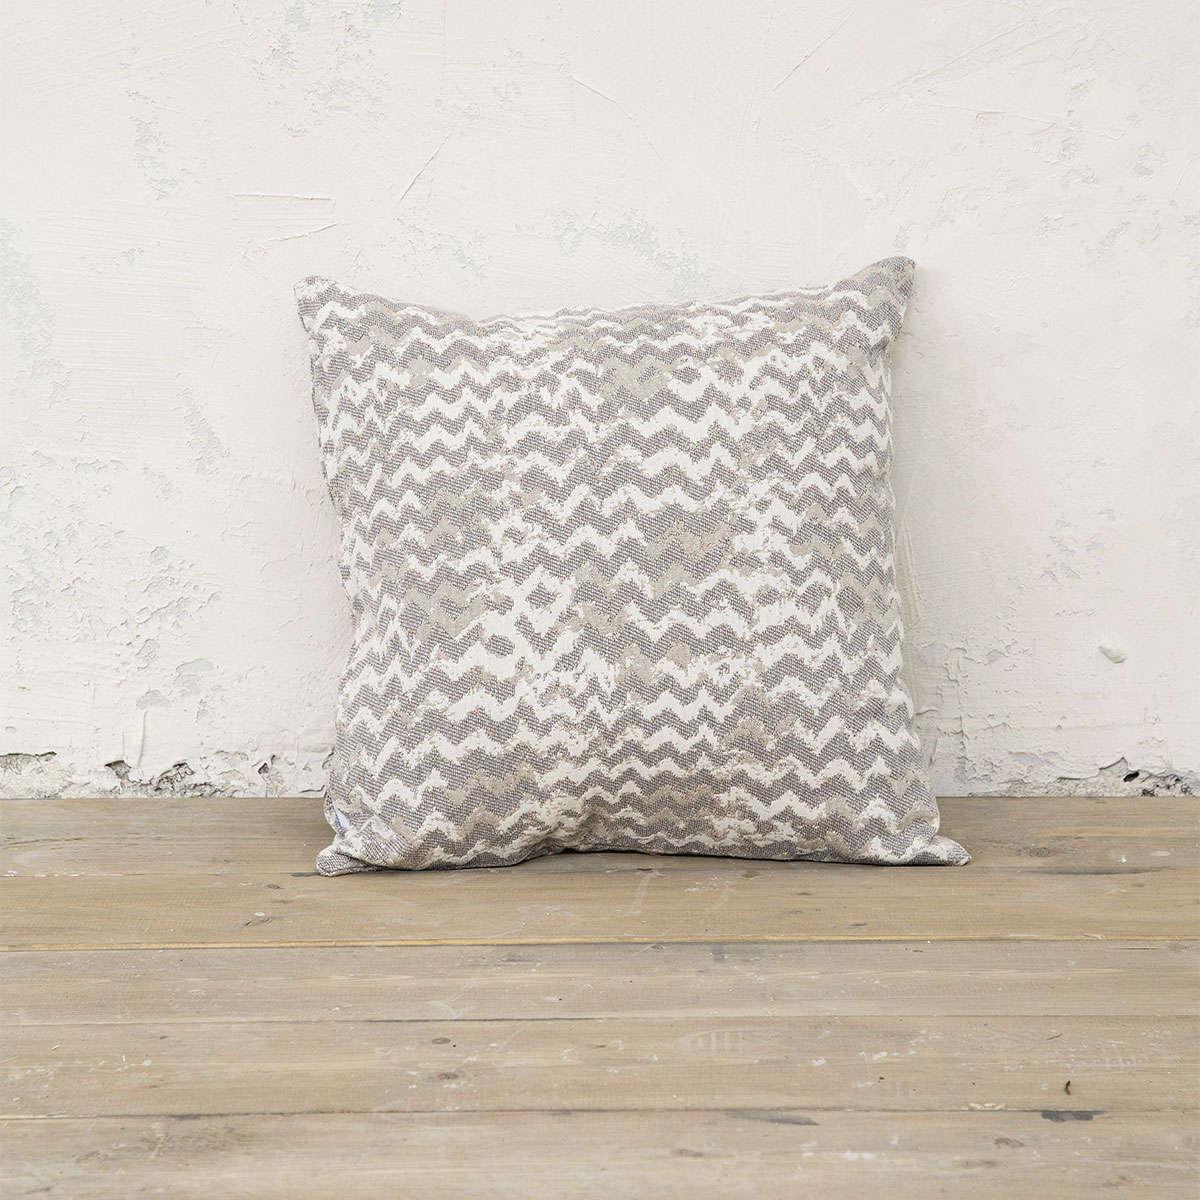 Μαξιλάρι Διακοσμητικό (Με Γέμιση) – Forte Beige Nima 45X45 Βαμβάκι-Polyester